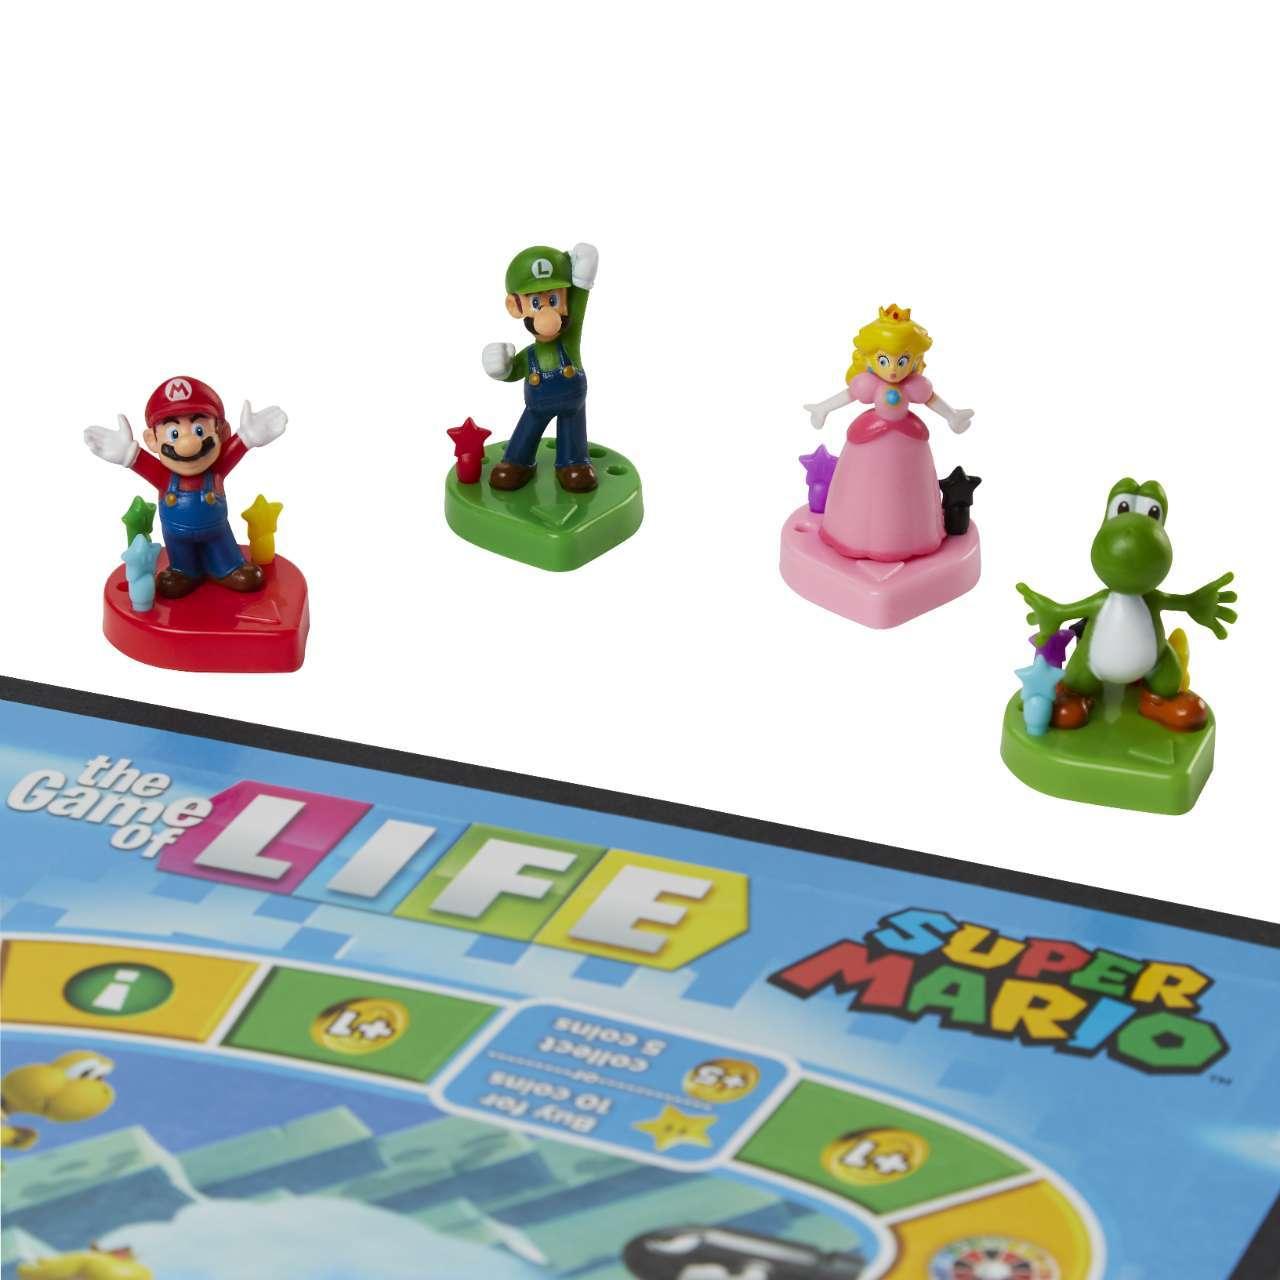 Super Mario, The Game of Life, El juego de la Vida